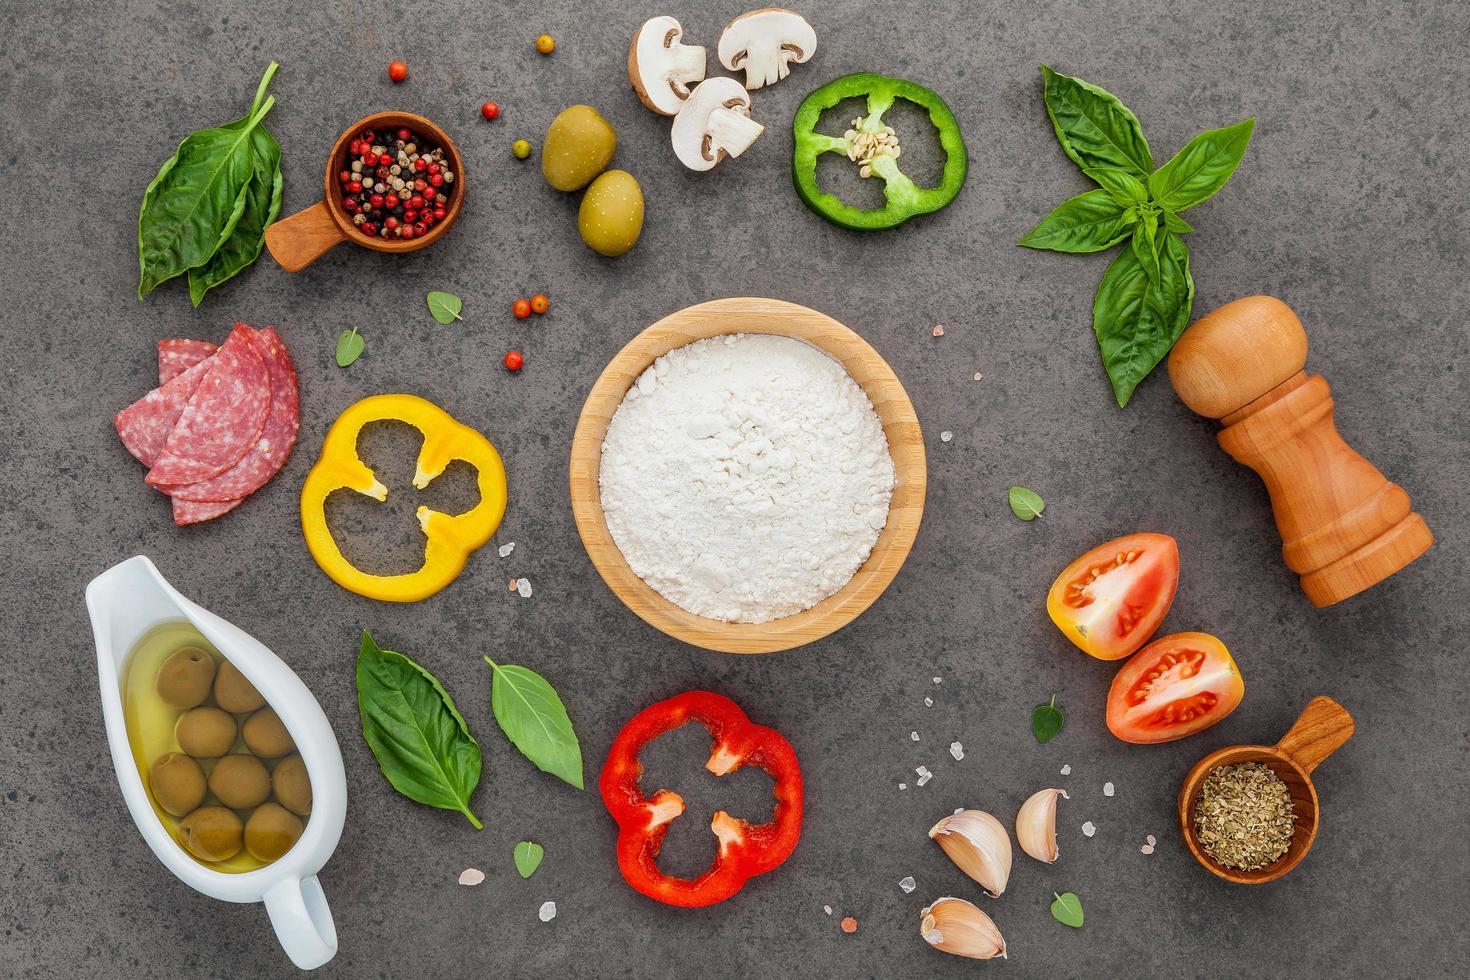 verse pizza-ingrediënten op een donkergrijze achtergrond foto